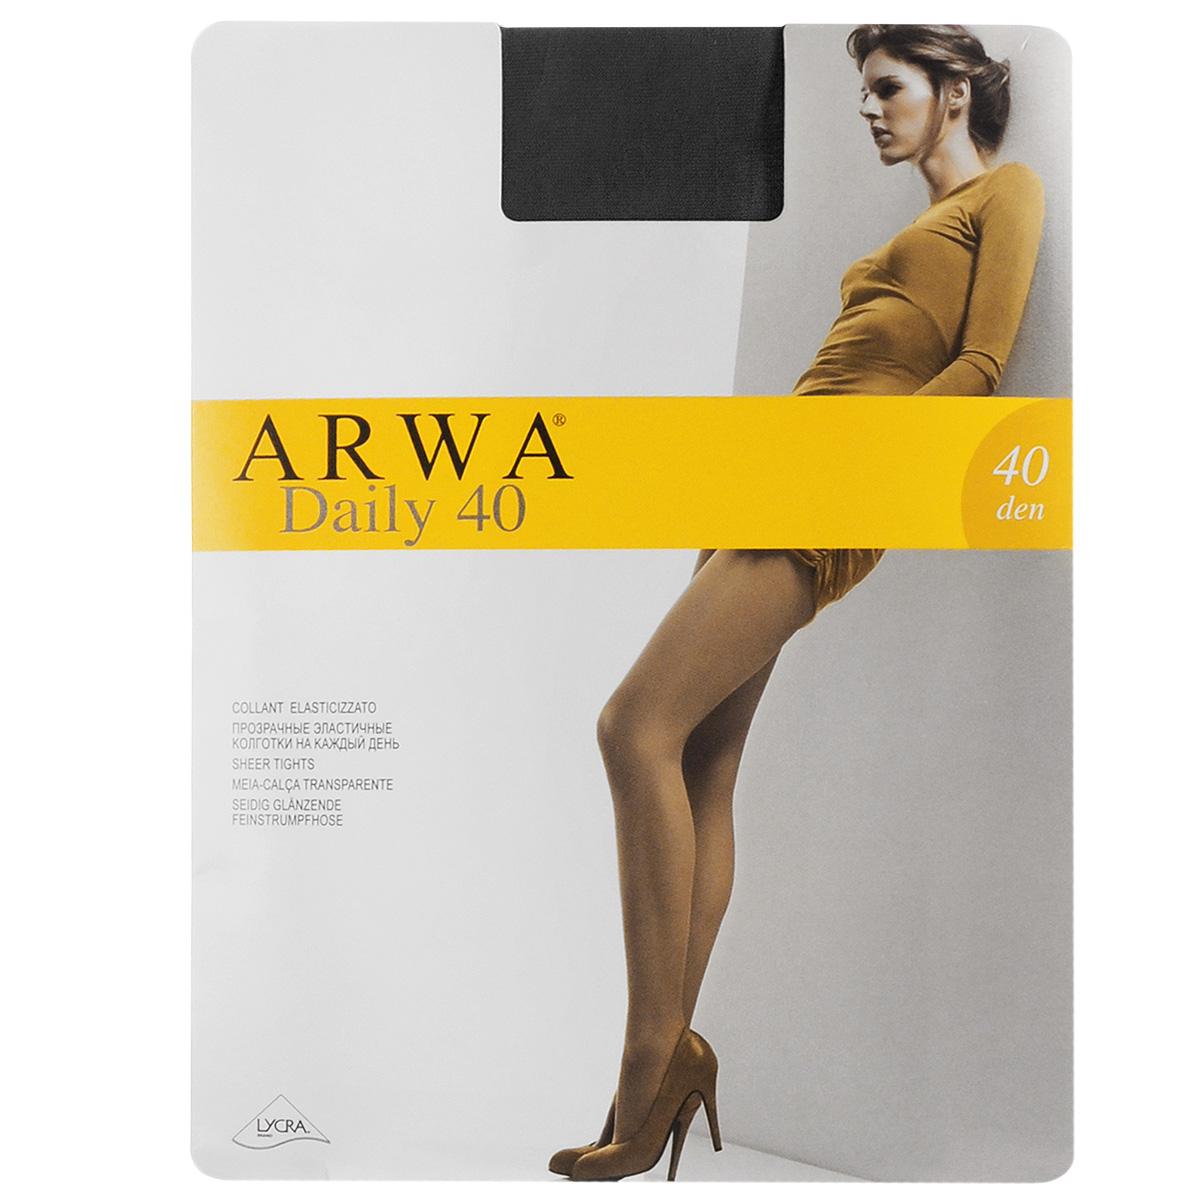 Arwa �������� ������� Daily 40